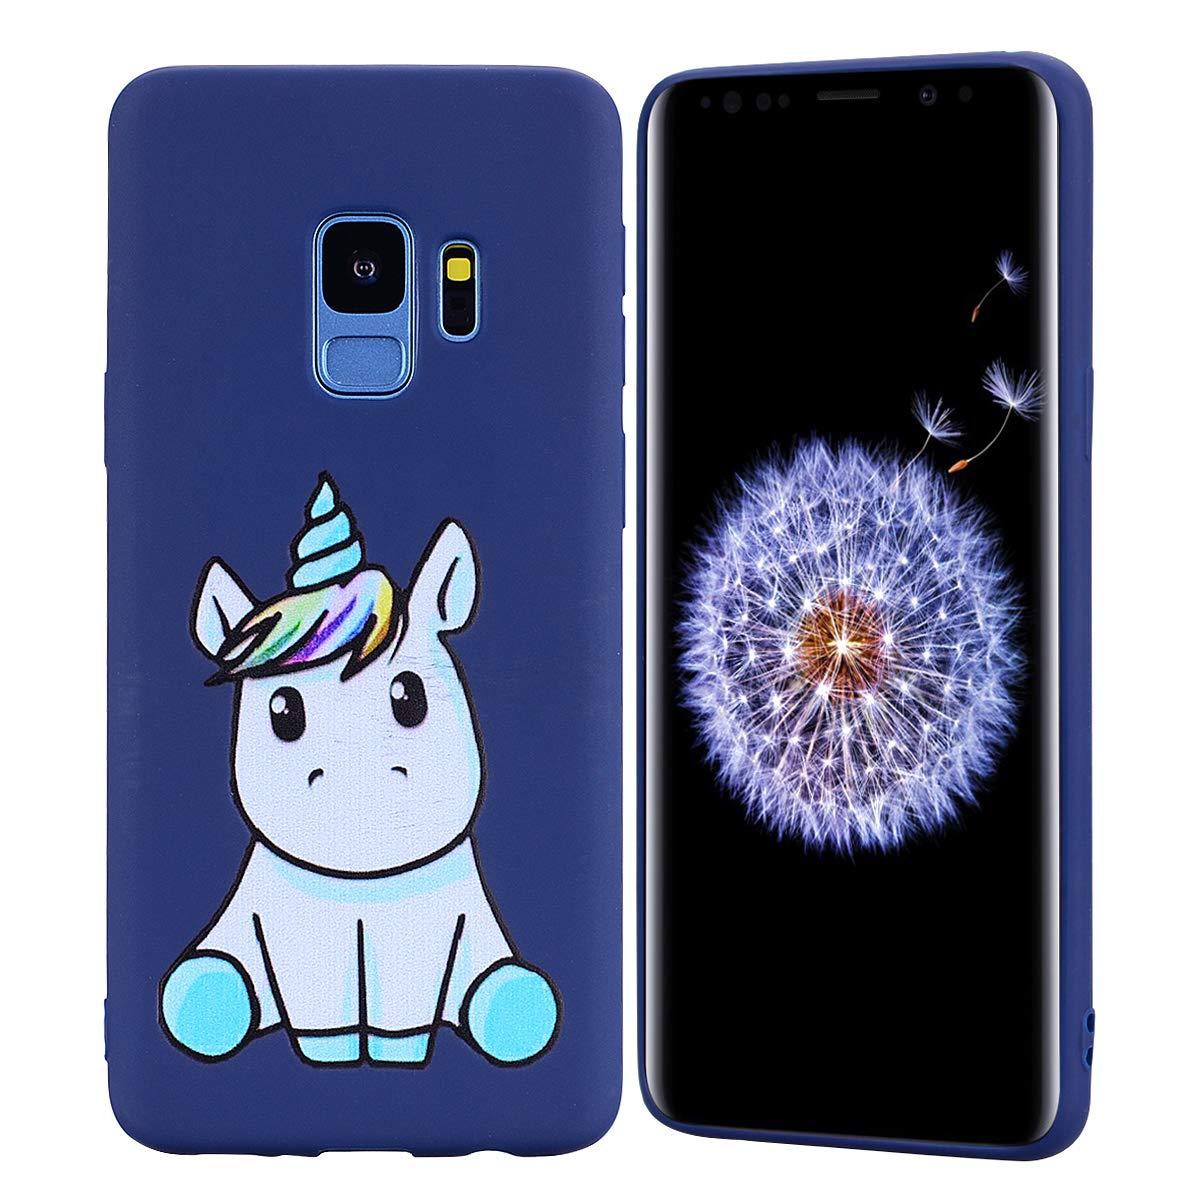 HopMore Coque Samsung Galaxy S9 Silicone Souple Motif Licorne Unicorn Drôle Mignonne Design Etui Samsung S9 Étui Antichoc Ultra Mince Fine Gel Bumper Slim Case Housse Protection pour Fille Femme - Rose Mat